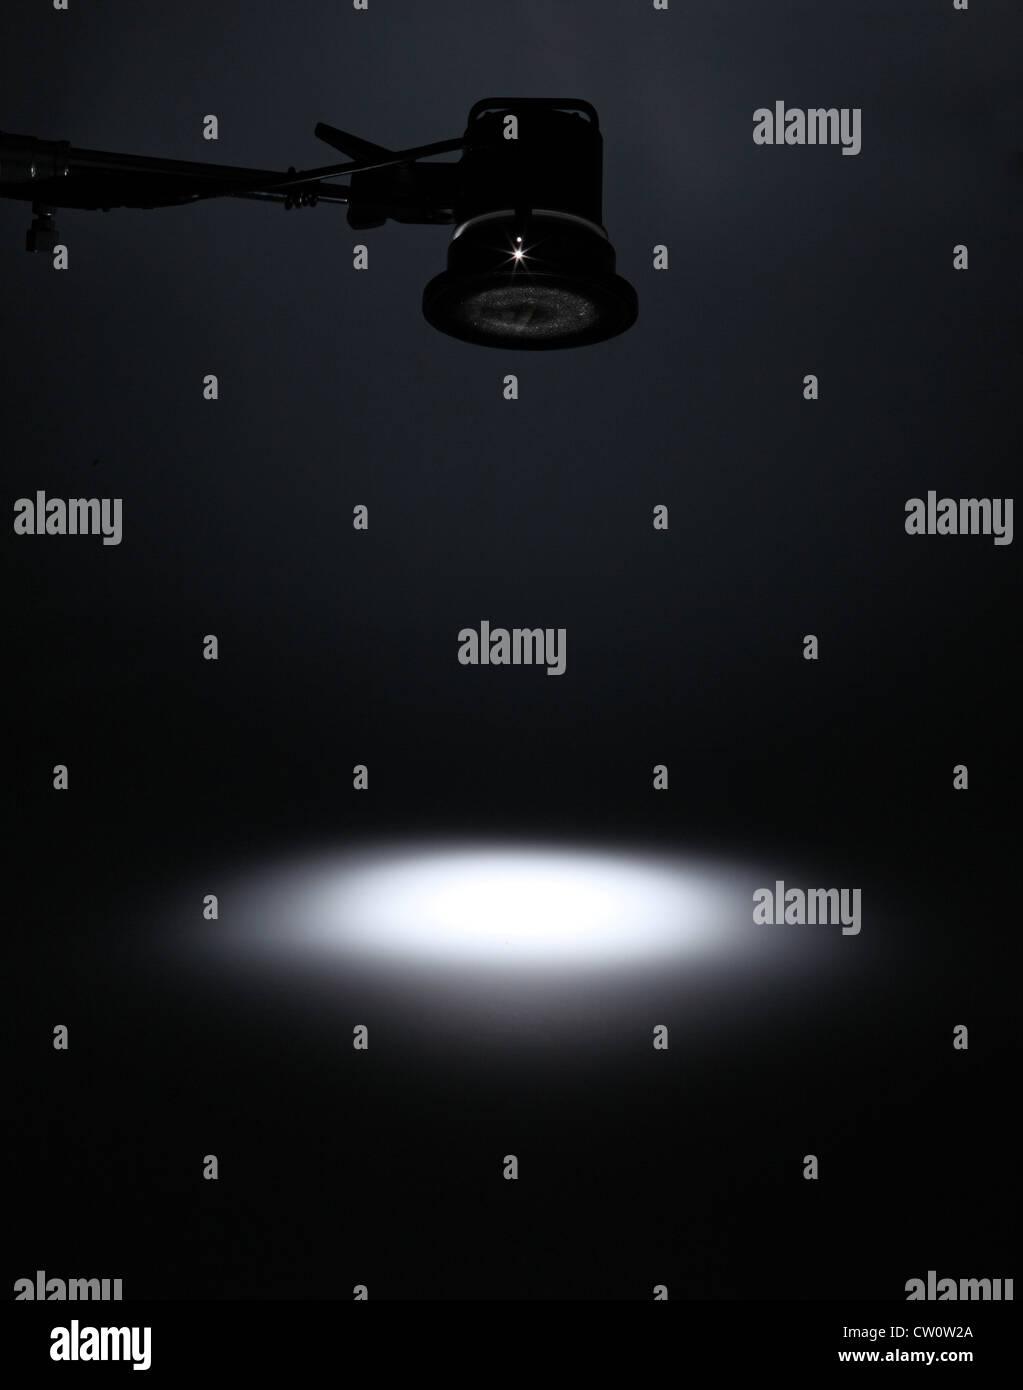 Una fotografía de luz por encima de la creación de un foco blanco sobre un fondo oscuro vacío. Foto de stock